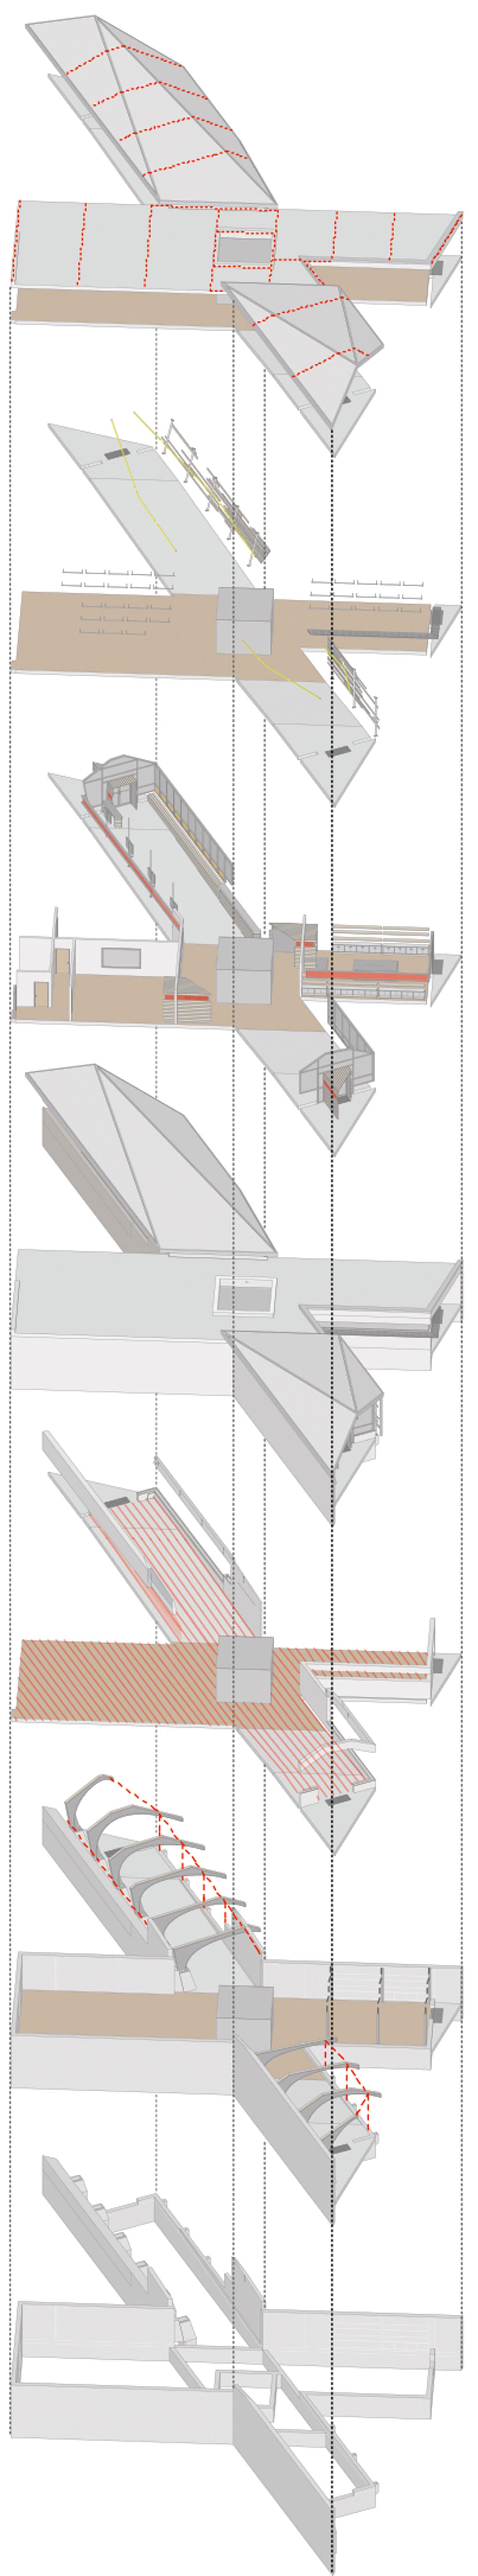 BEOL-10-Exploded Diagram.jpg